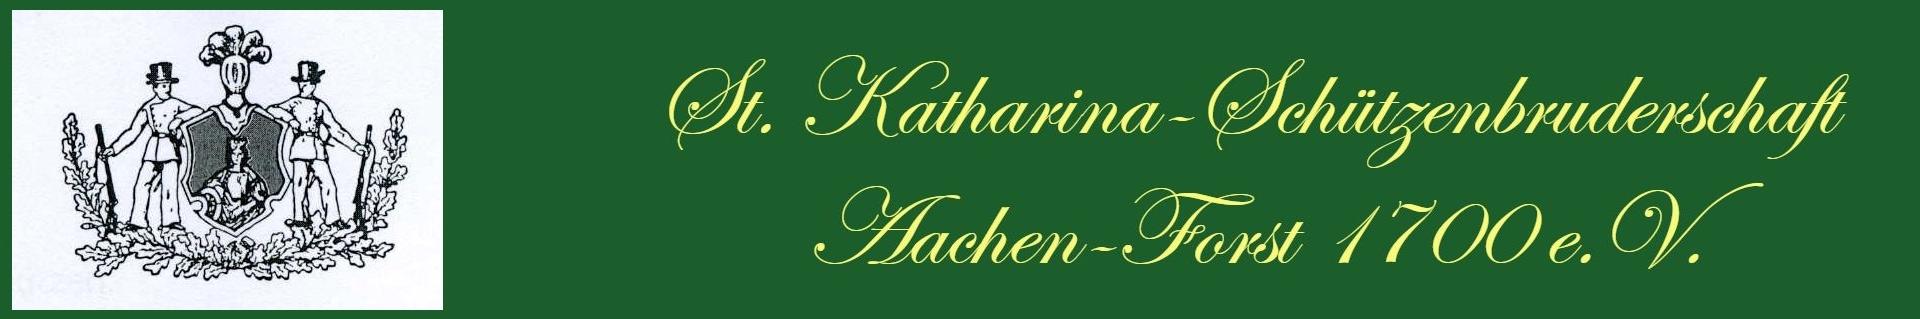 St. Katharina-Schützenbruderschaft Aachen-Forst